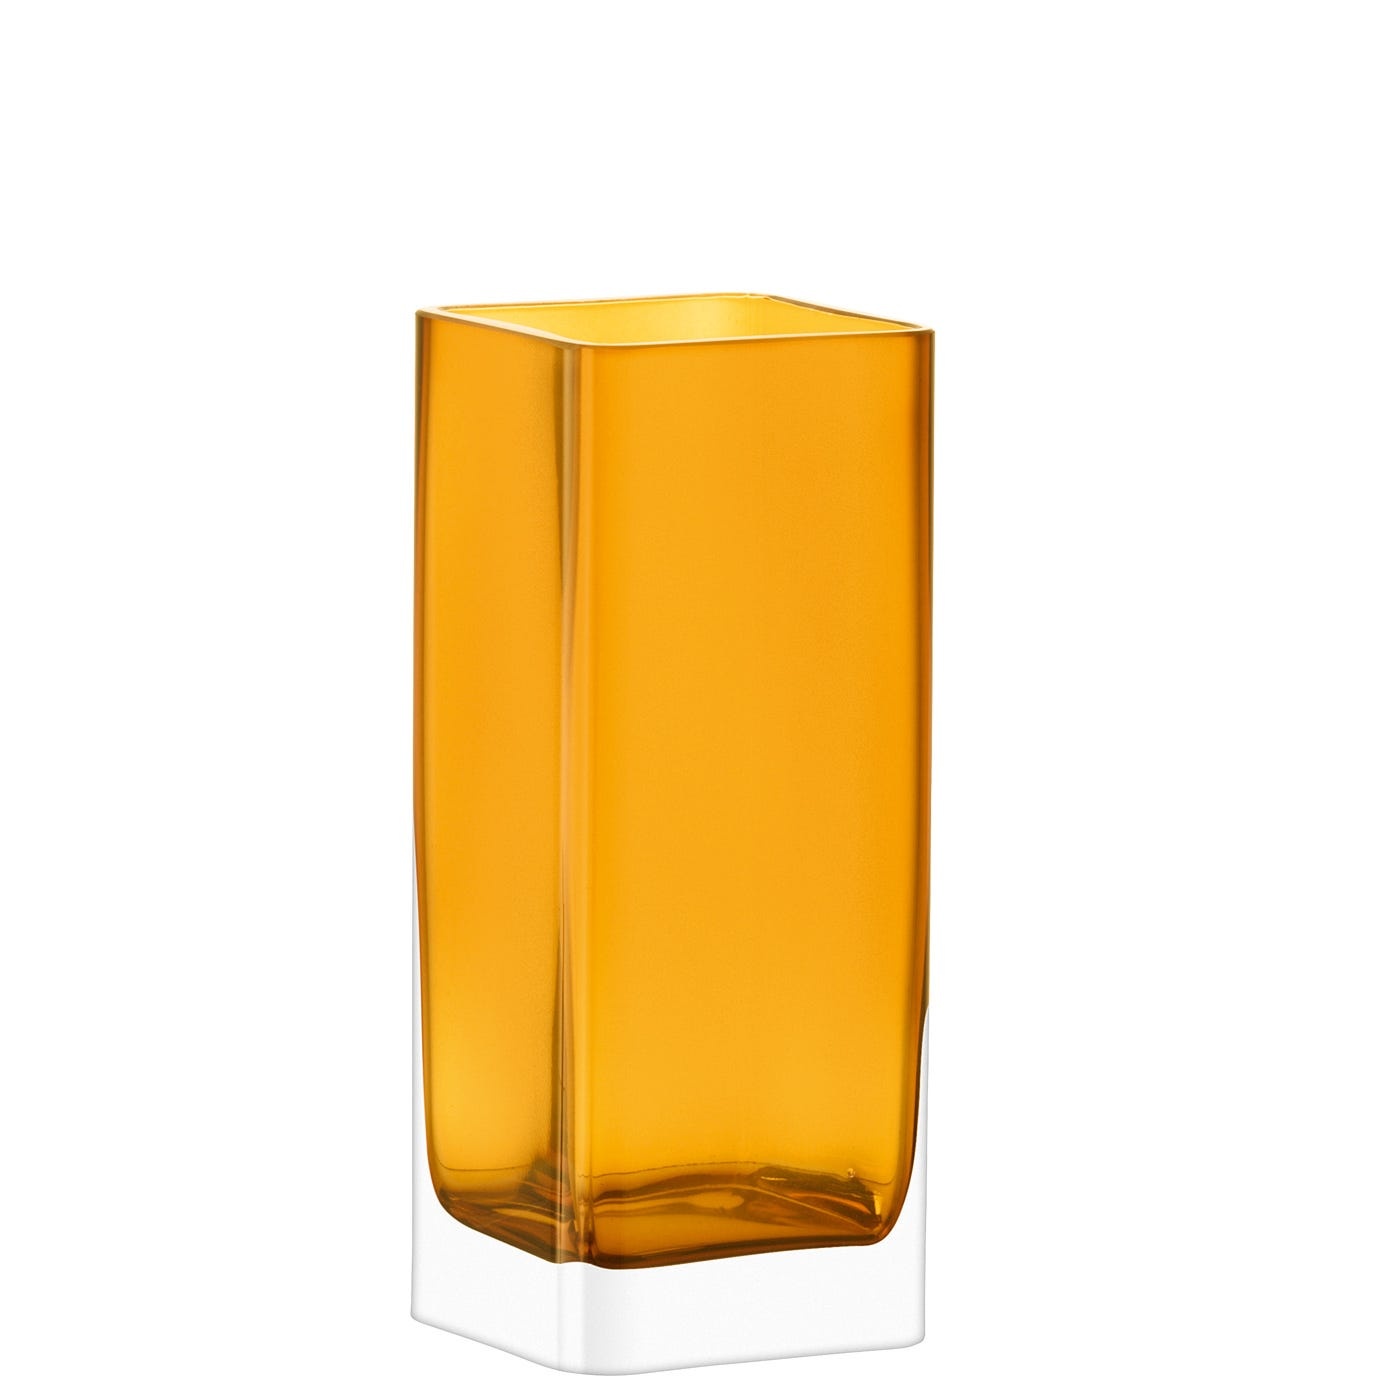 Modular Square Vase Amber Medium